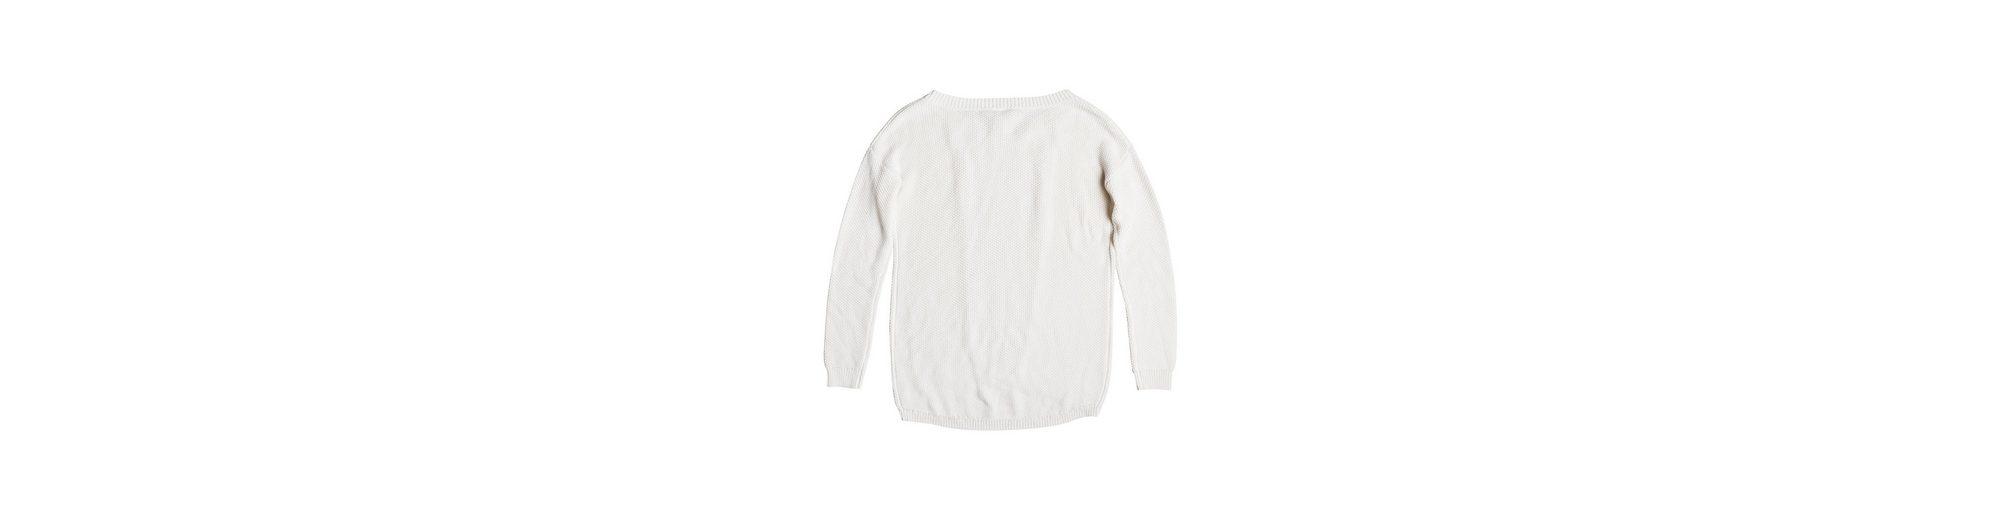 Roxy Pullover Deserve Good Things In Deutschland Verkauf Online ZJAU1vb92m